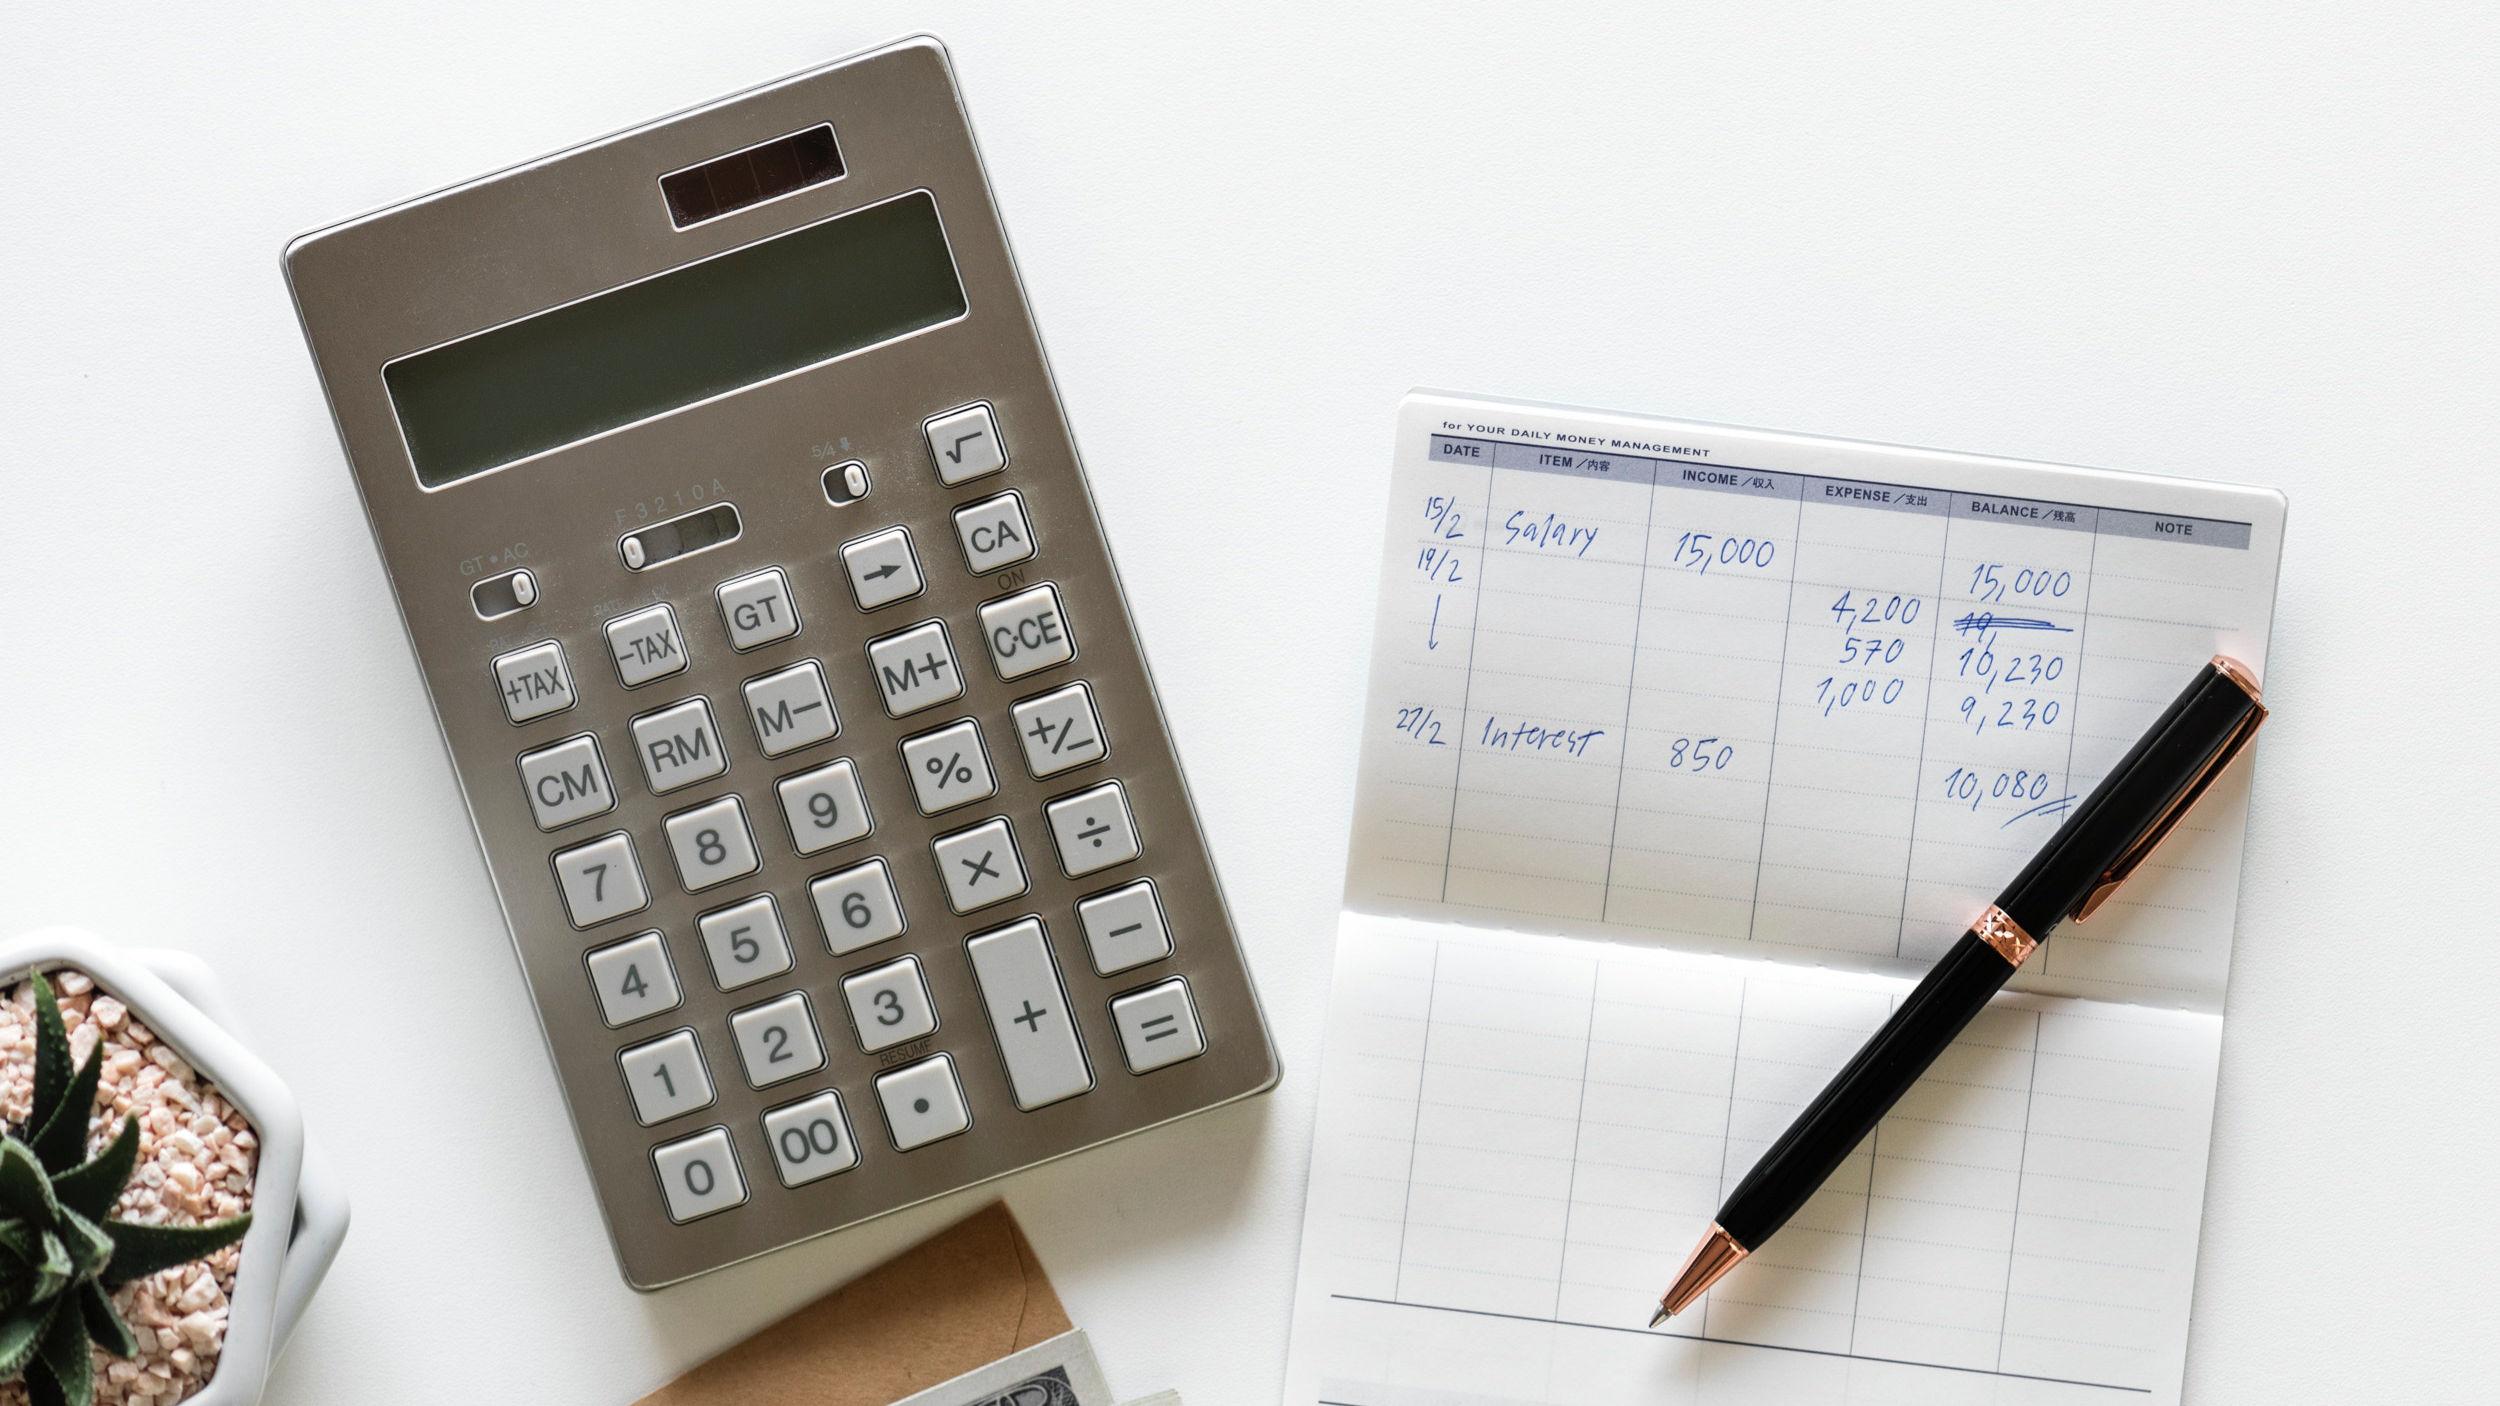 L'app de la semaine : la gestion d'un budget n'a plus aucun secret pour moi